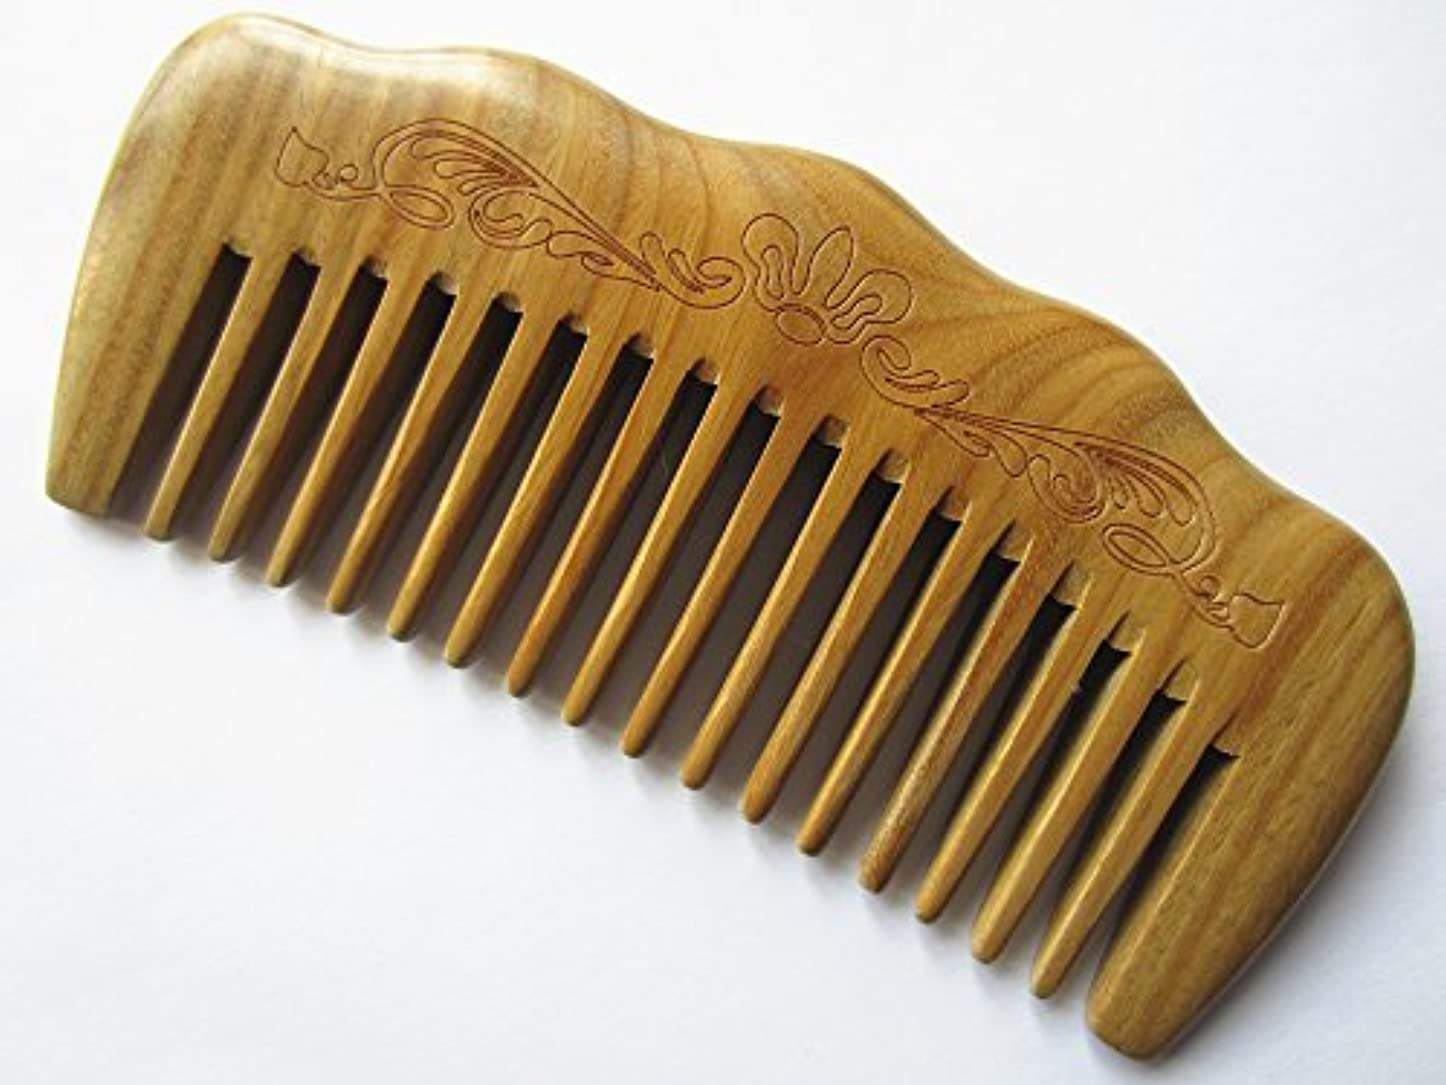 精査するパラシュート輝くMyhsmooth Gs-by-mt Wide Tooth Wood Handmade Natural Green Sandalwood No Static Comb with Aromatic Scent for Detangling...